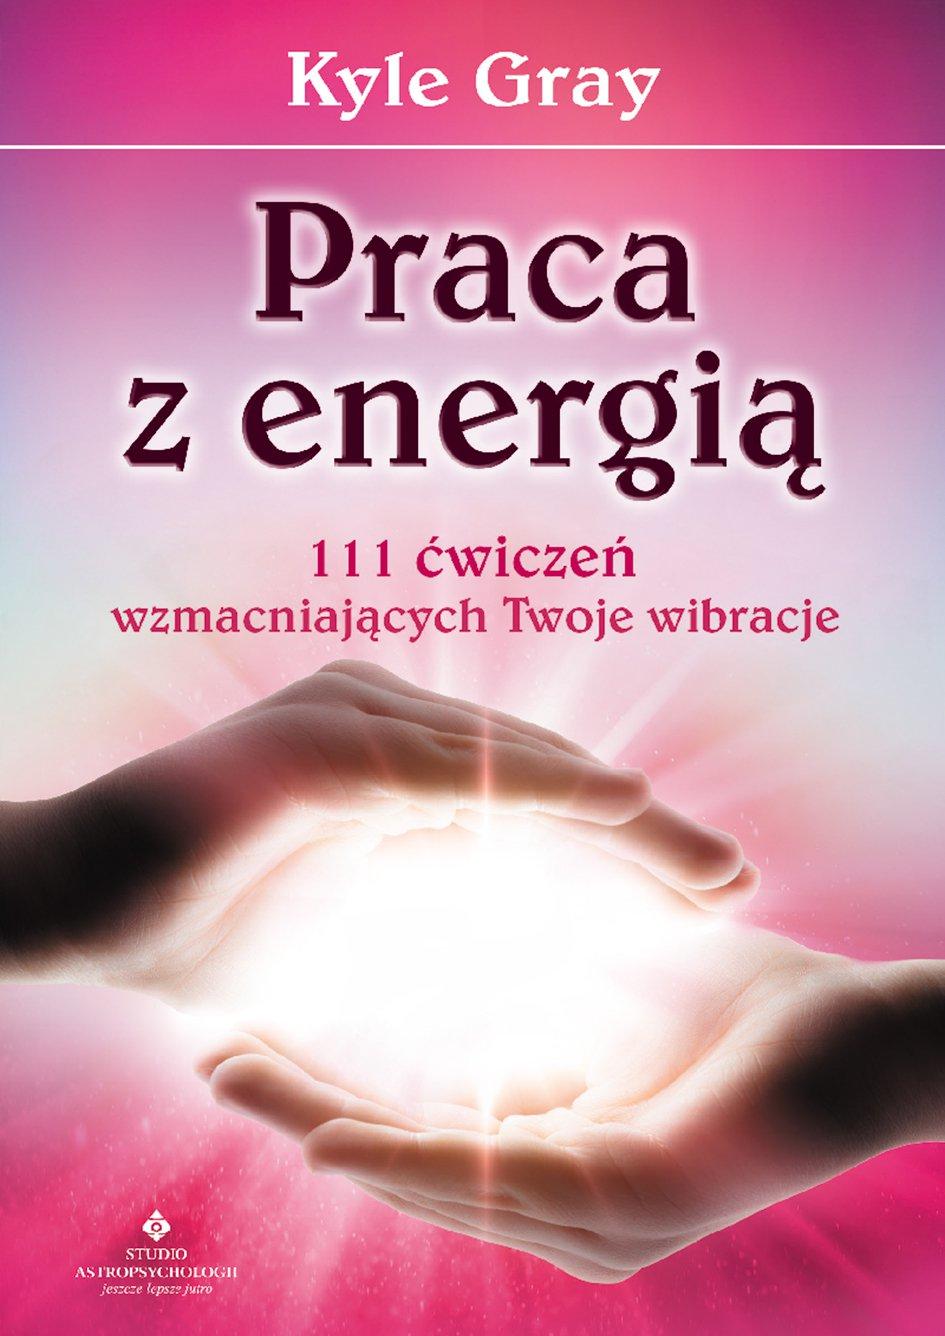 Praca z energią. 111 ćwiczeń wzmacniających Twoje wibracje - Ebook (Książka na Kindle) do pobrania w formacie MOBI